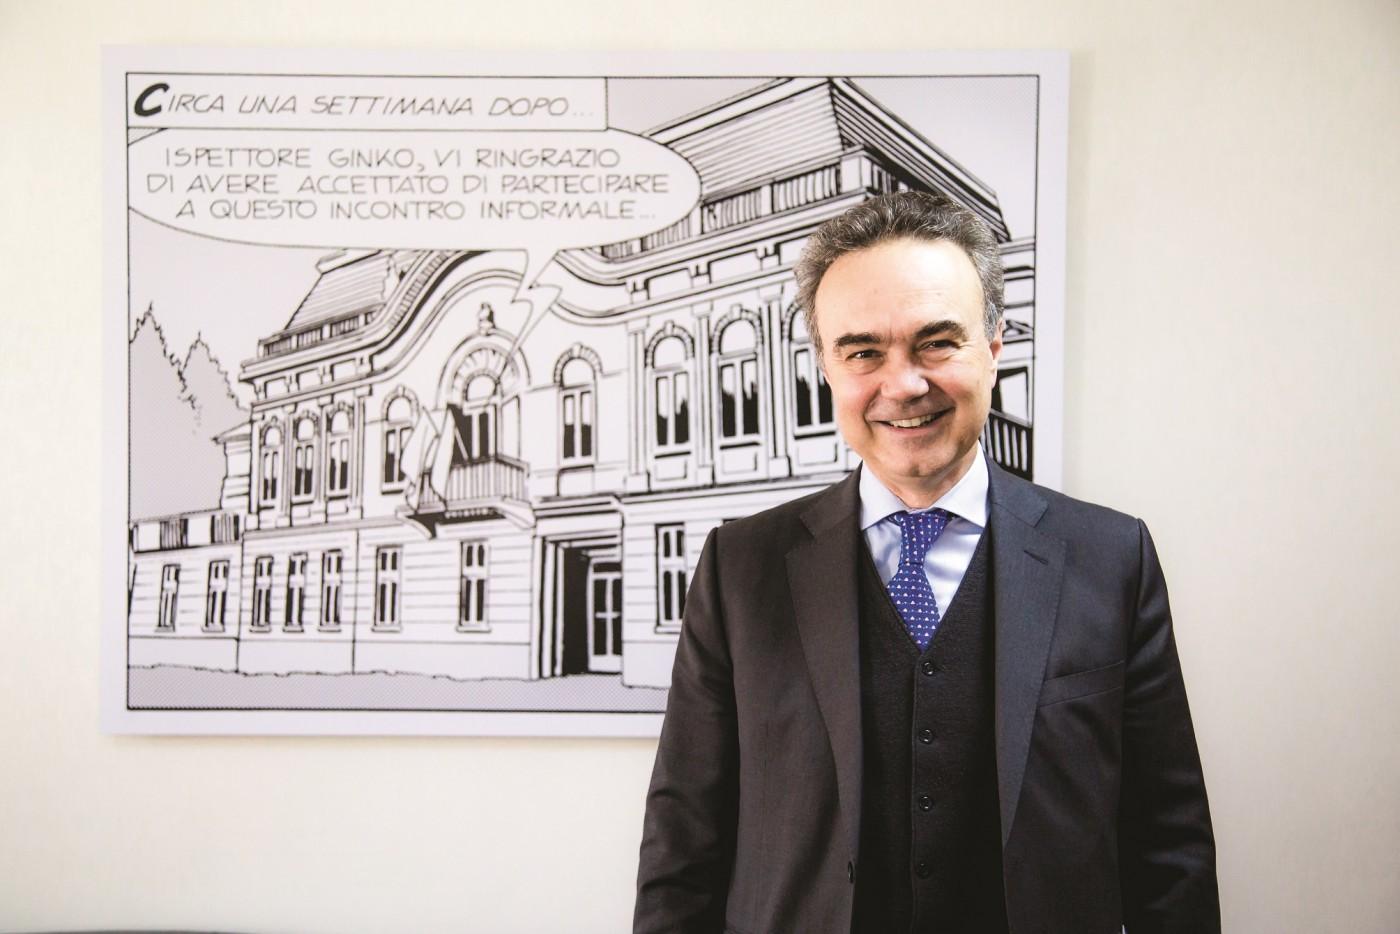 Запознайте се с Н.Пp. Стефано Балди, посланик на Италия